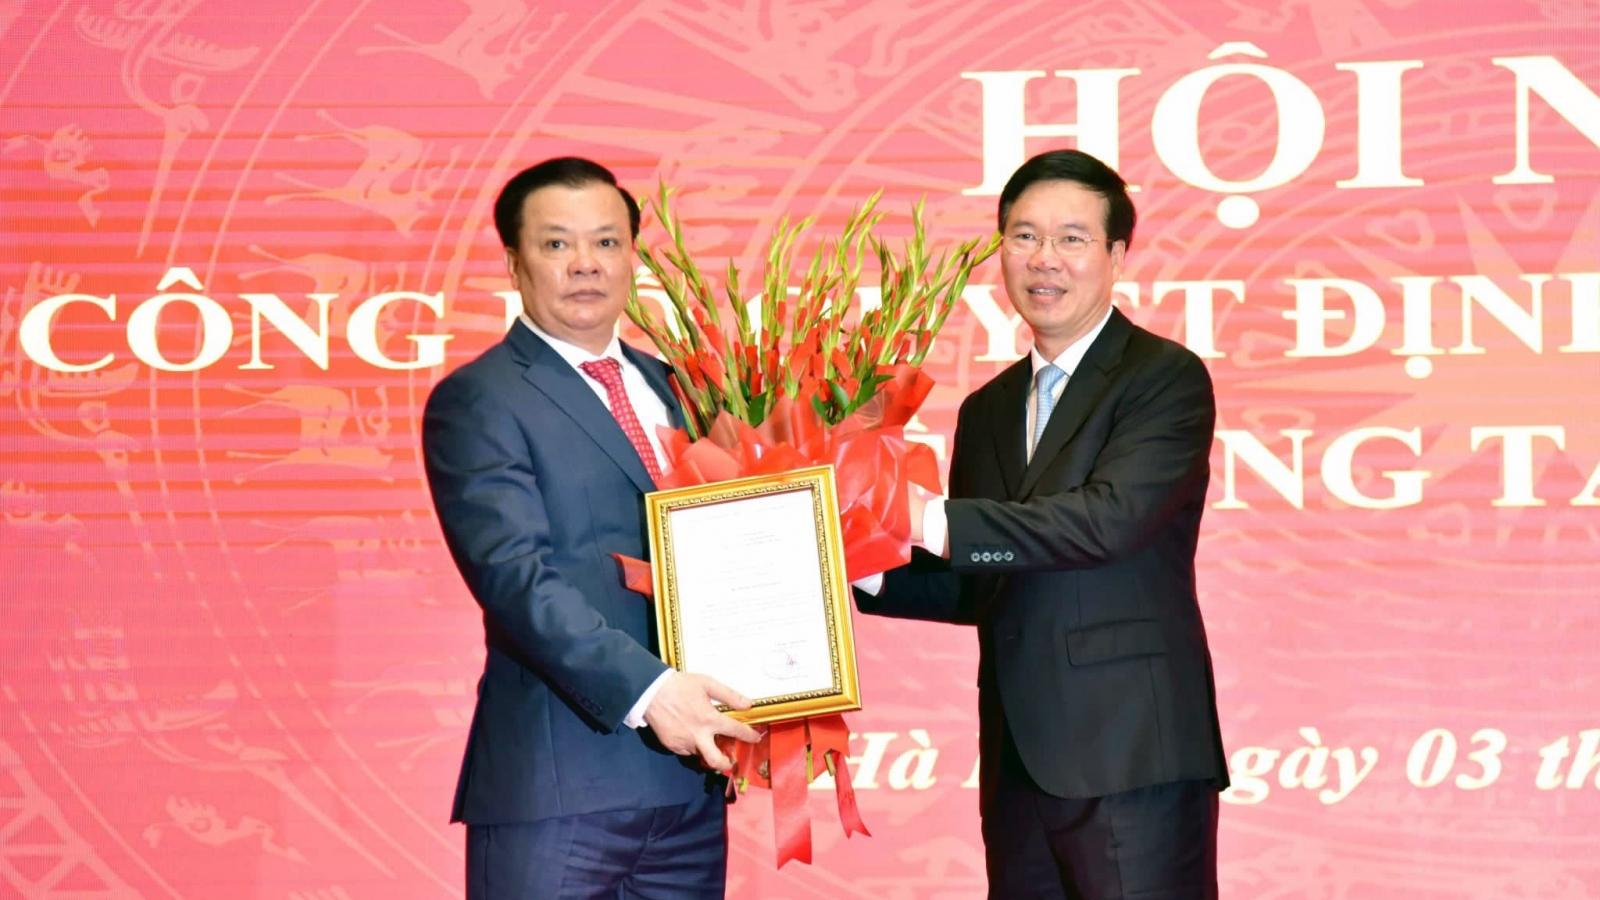 Trao quyết định phân công ông Đinh Tiến Dũng làm Bí thư Thành ủy Hà Nội